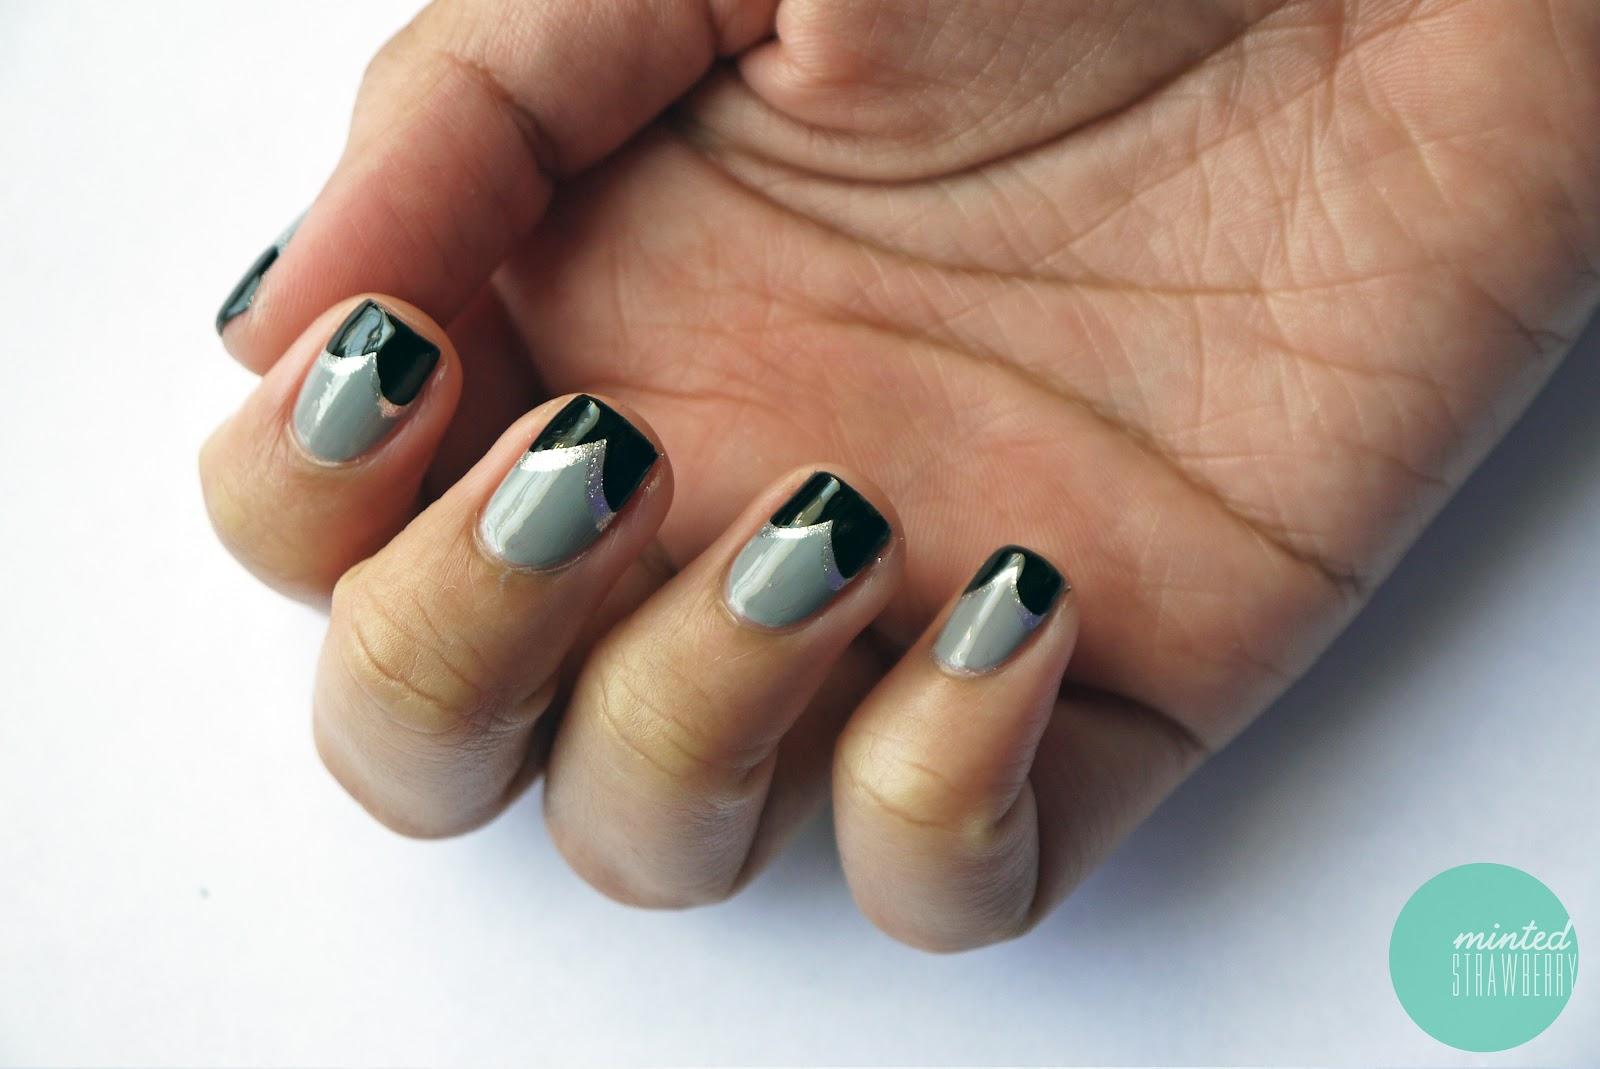 Nail Polish Sassy Nails And An Awesome Haul